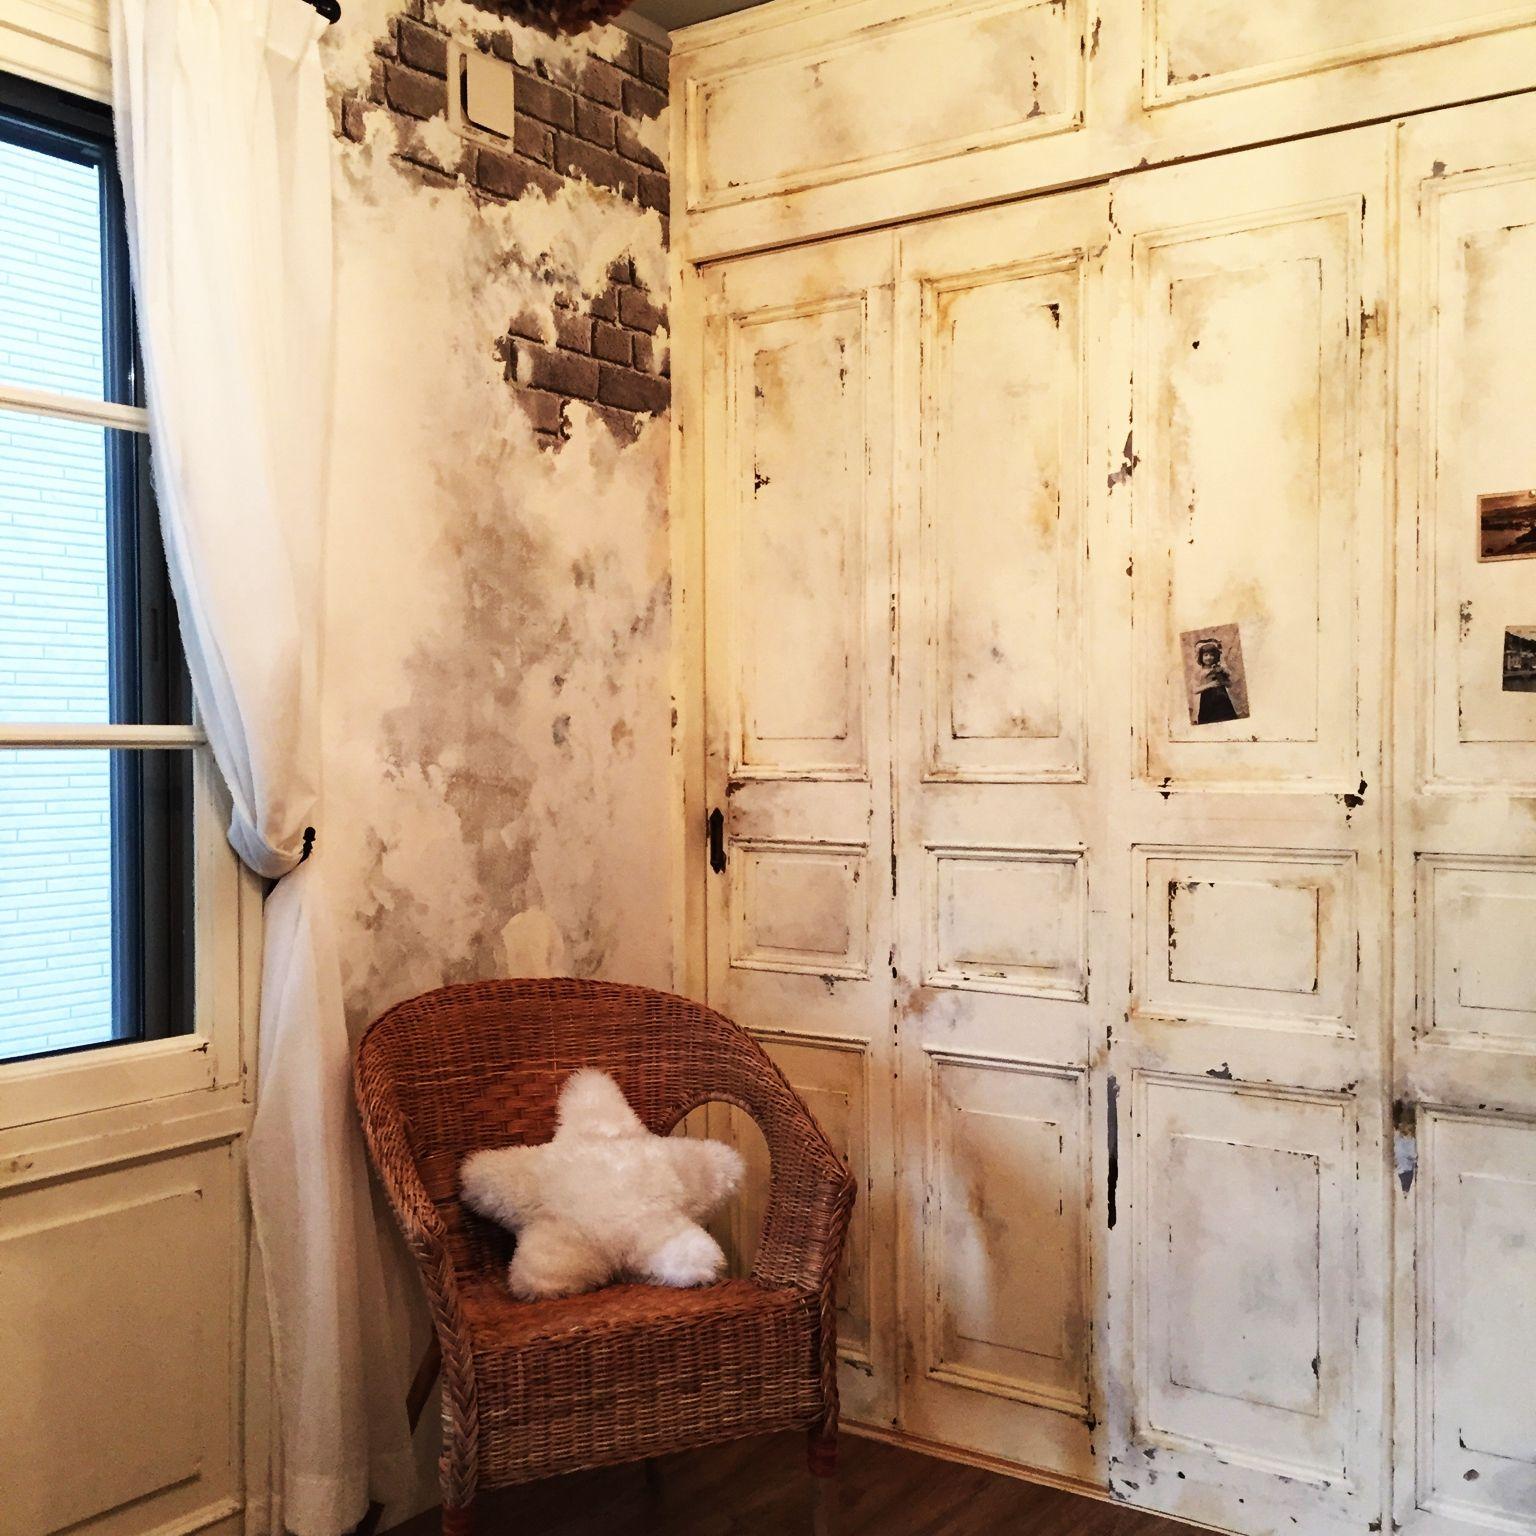 古ダサい ふすま を何とかしたい 壁紙貼ってdiy ビンテージ風やパリ風 男前系も自在な変身ぶり Limia リミア インテリア 和室を洋室にリフォーム Diy インテリア 実例